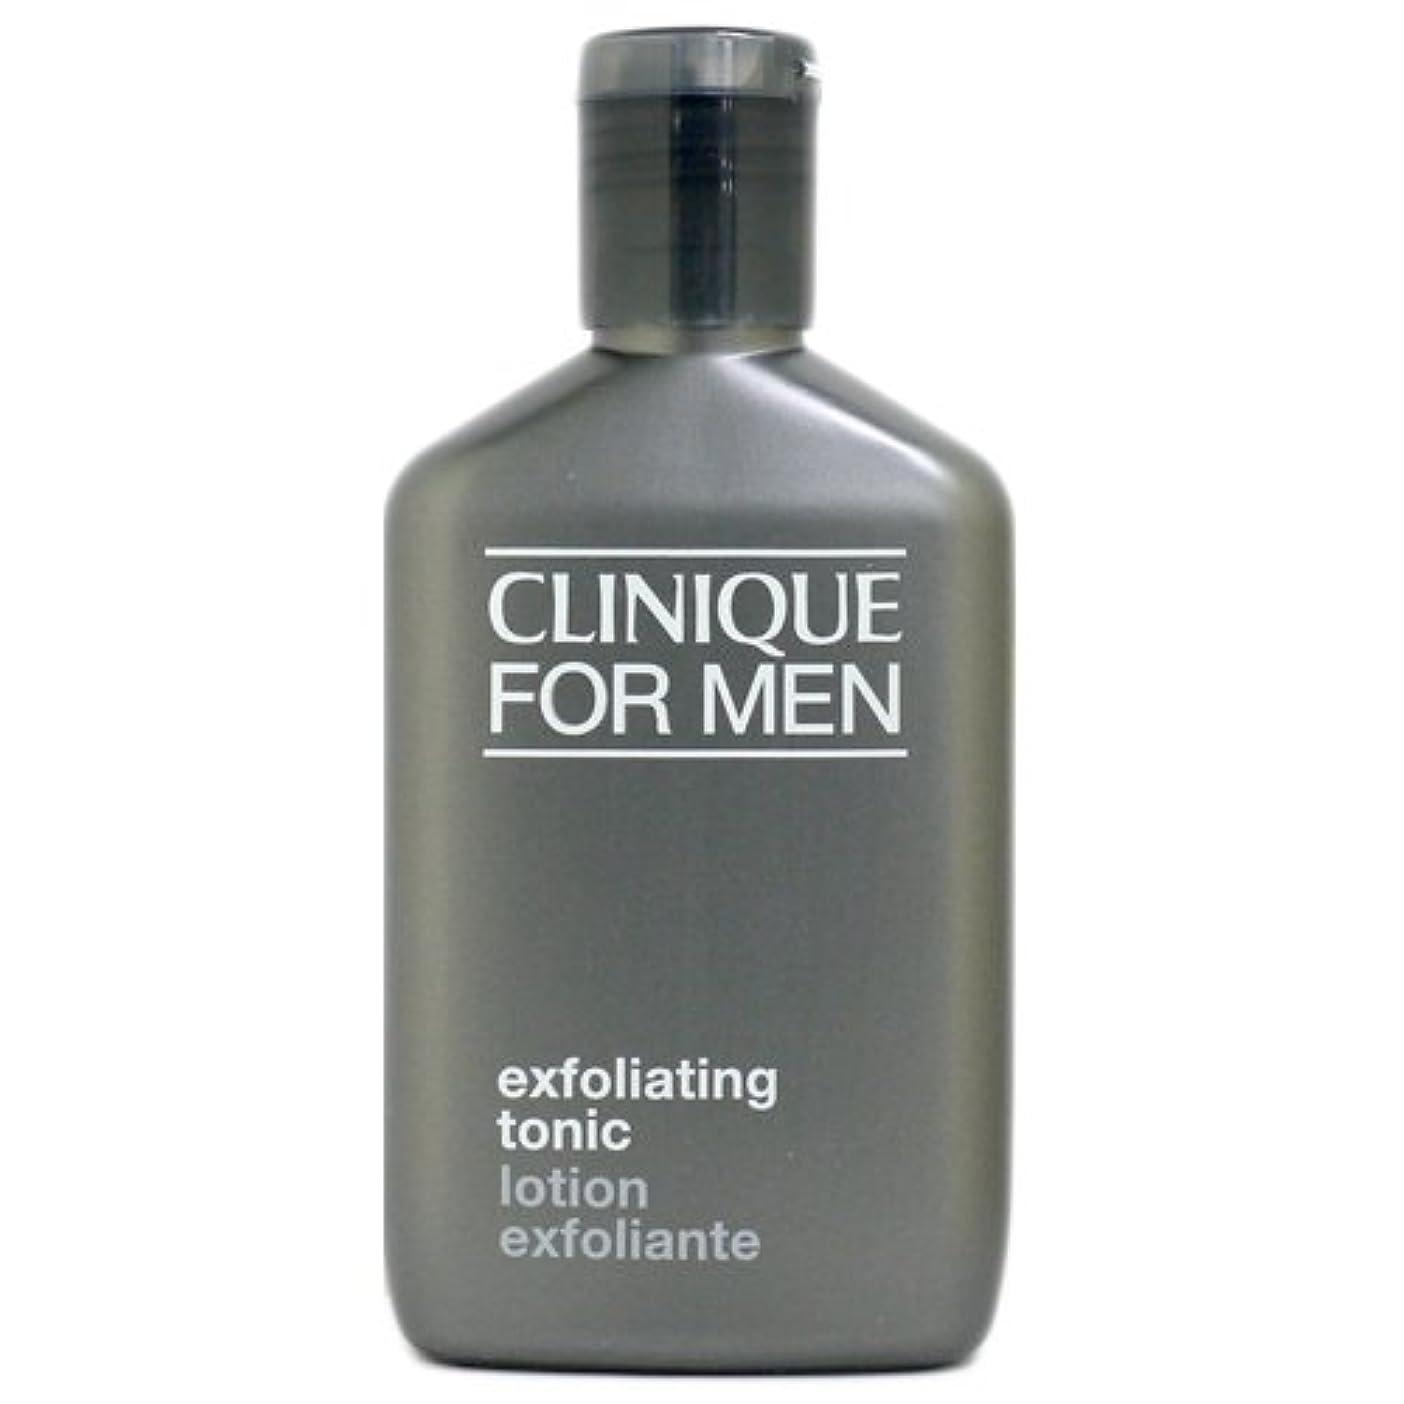 センブランス今晩のみクリニークフォーメン(CLINIQUE FOR MEN) エクスフォリエーティング トニック 200ml[並行輸入品]